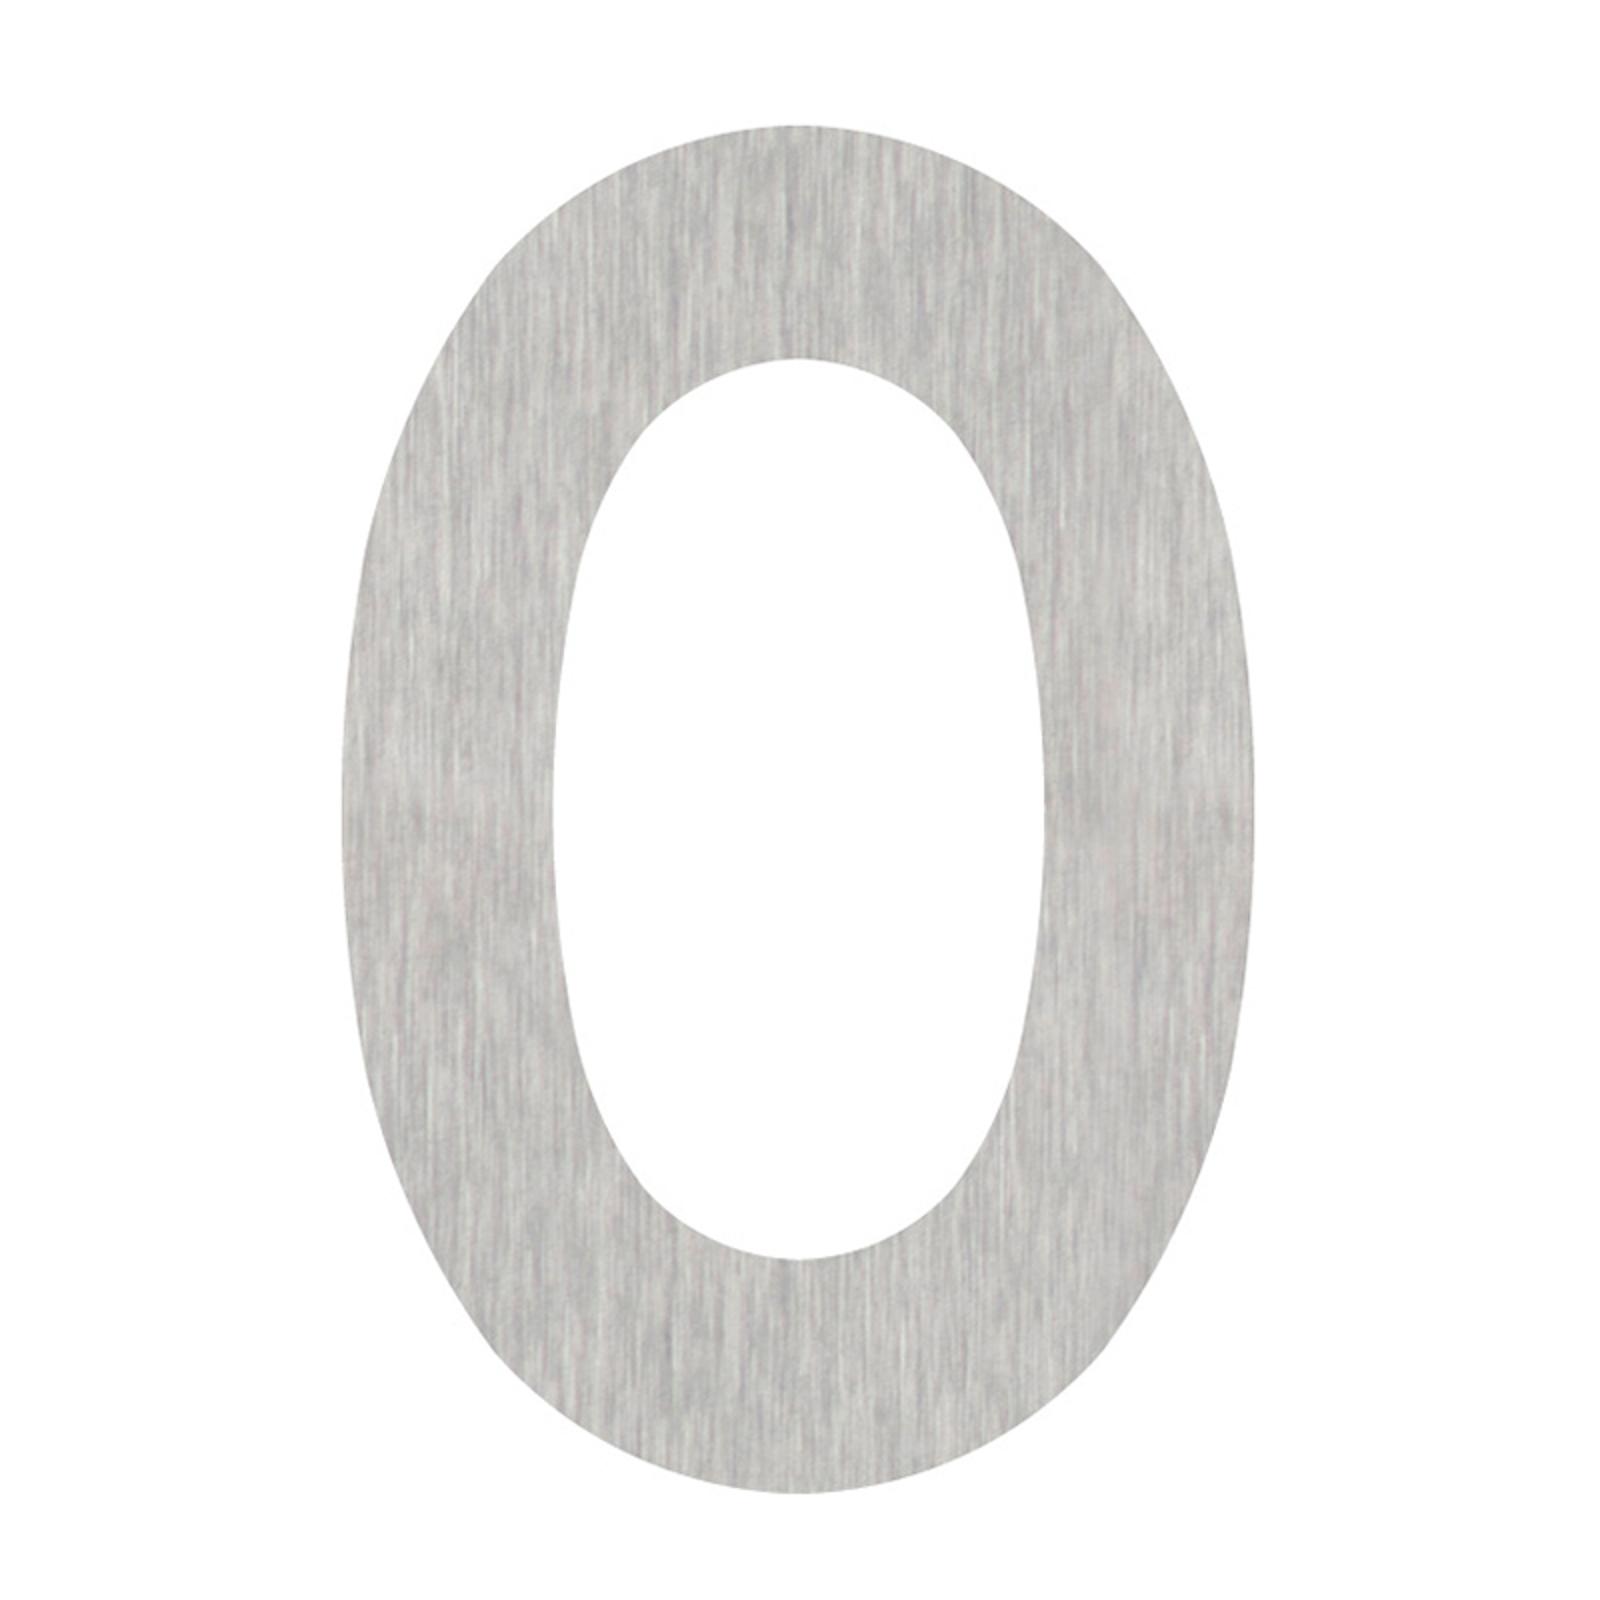 Domovní čísla číslice 0